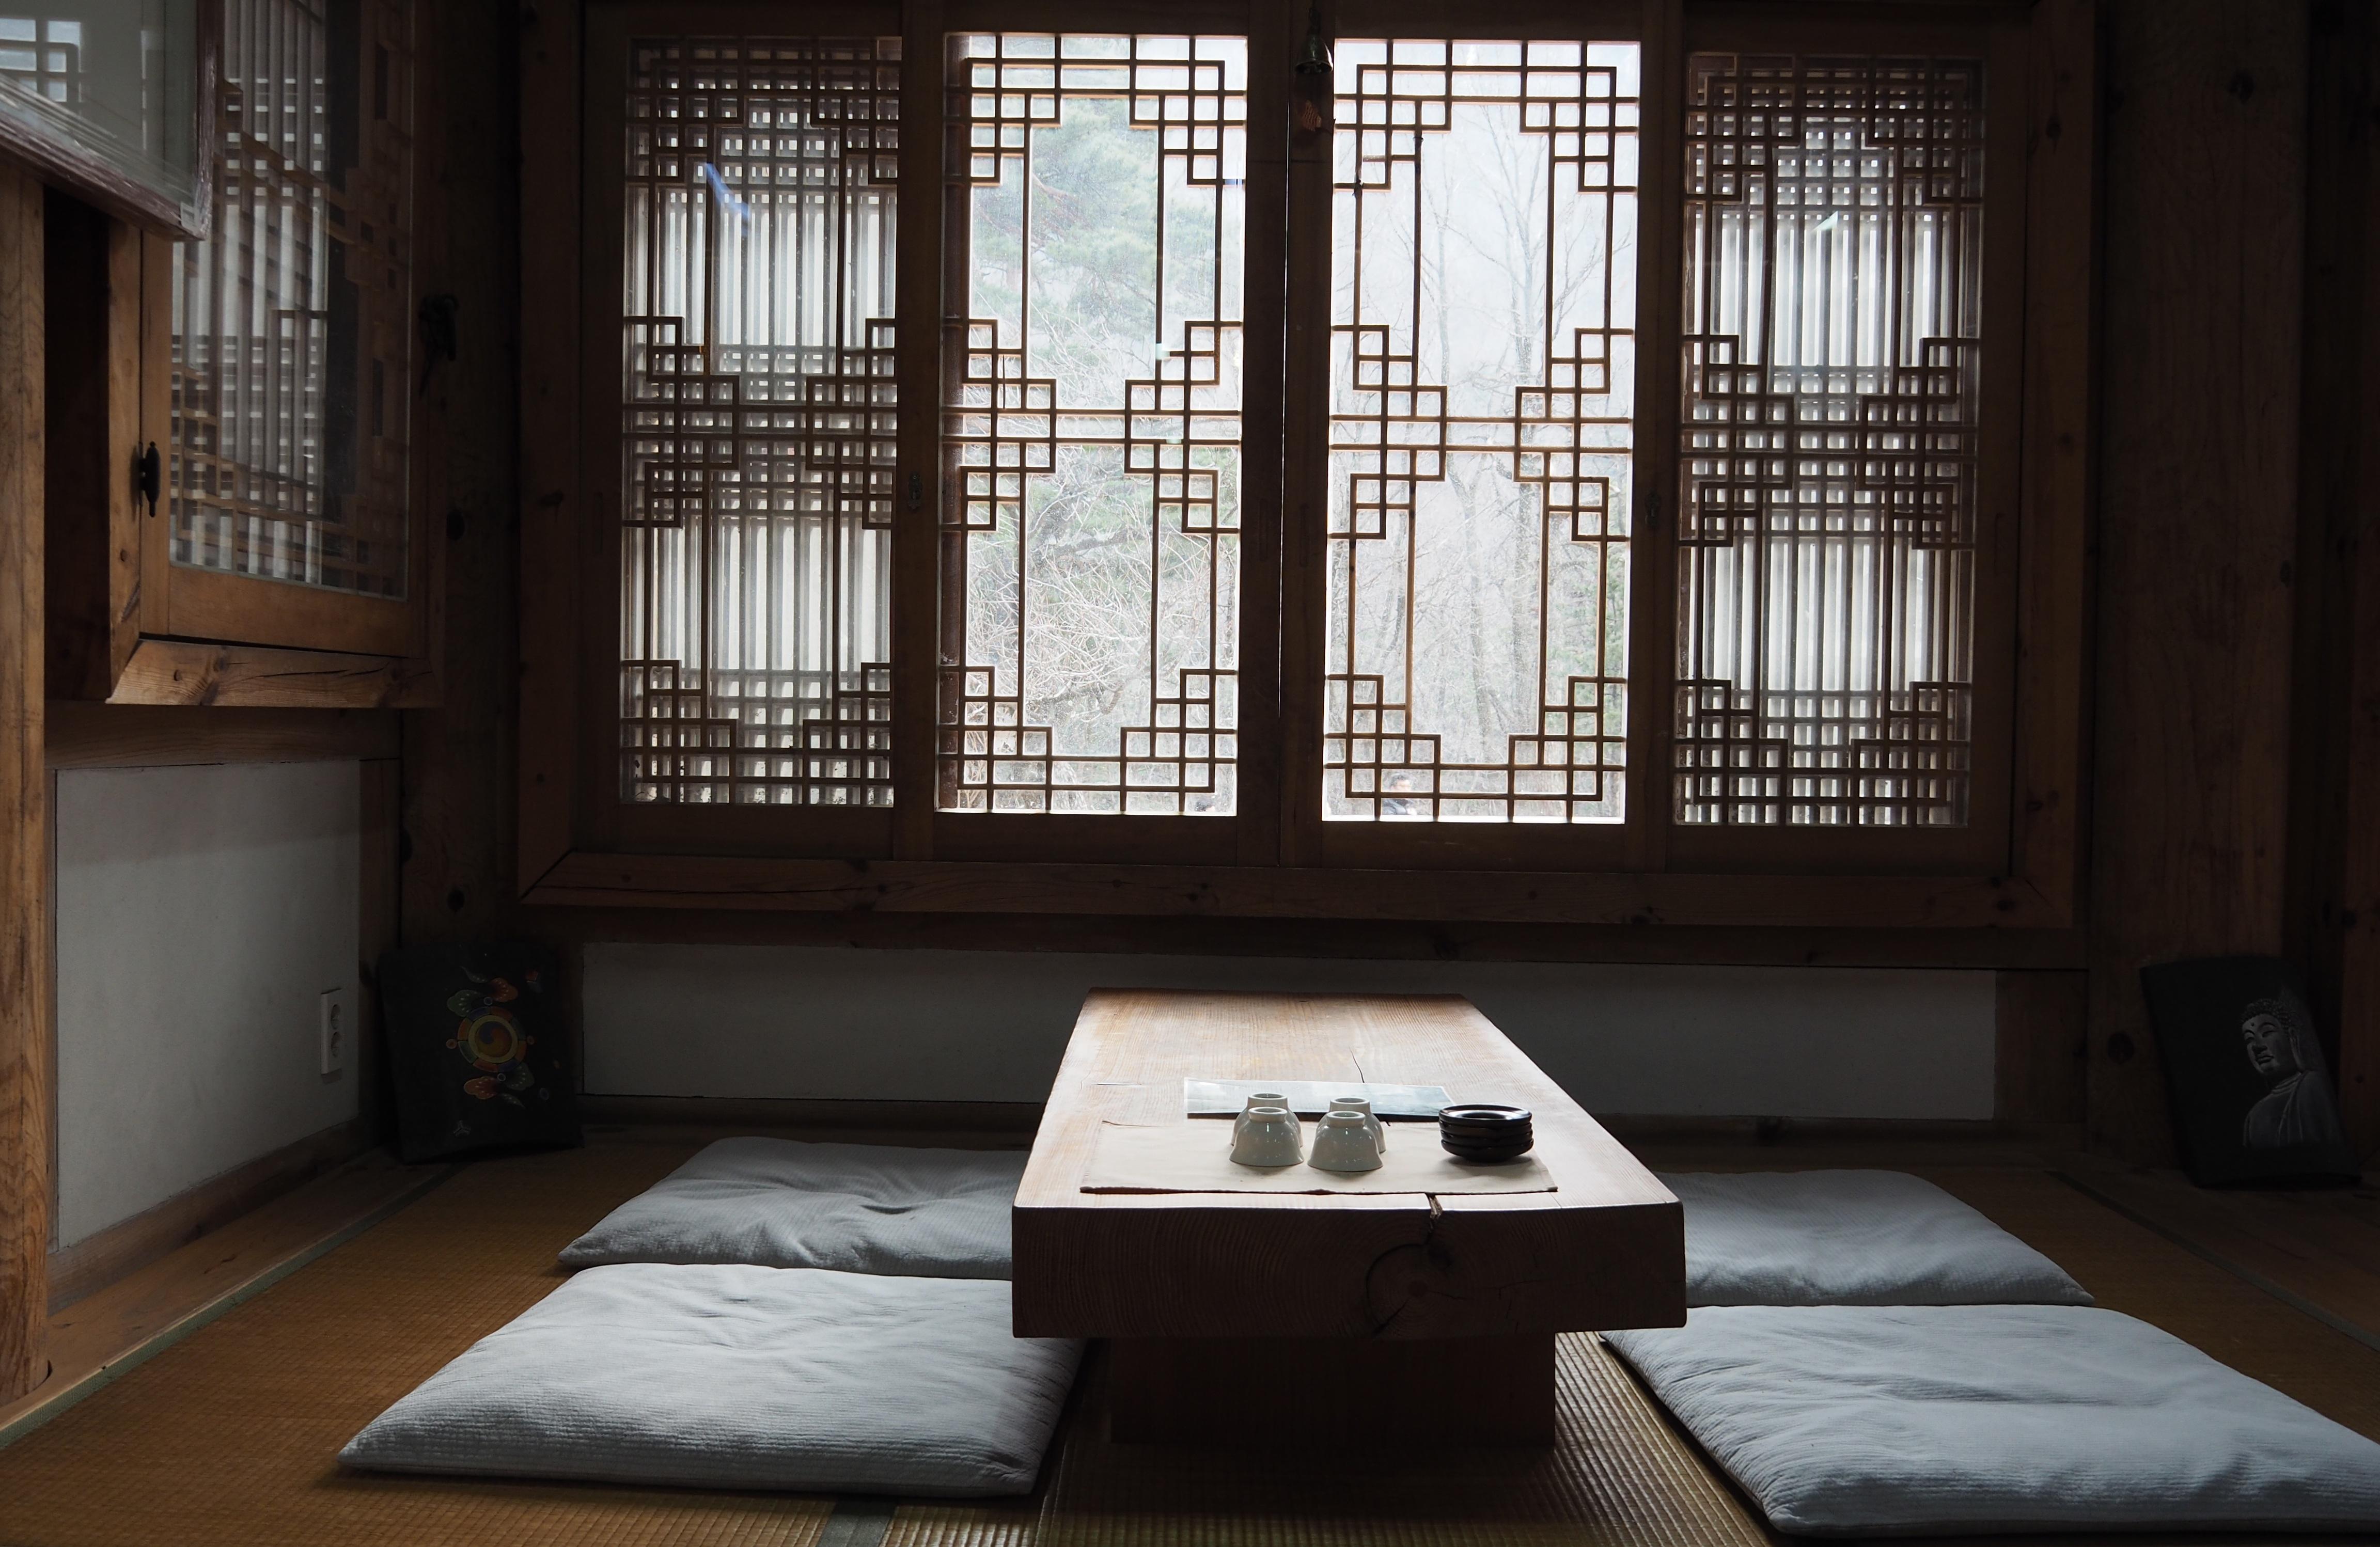 Holz Haus Innere Fenster Gebäude Zuhause Hütte Eigentum Wohnzimmer Möbel  Zimmer Innenarchitektur Entwurf Immobilien Orientalisch Traditionell